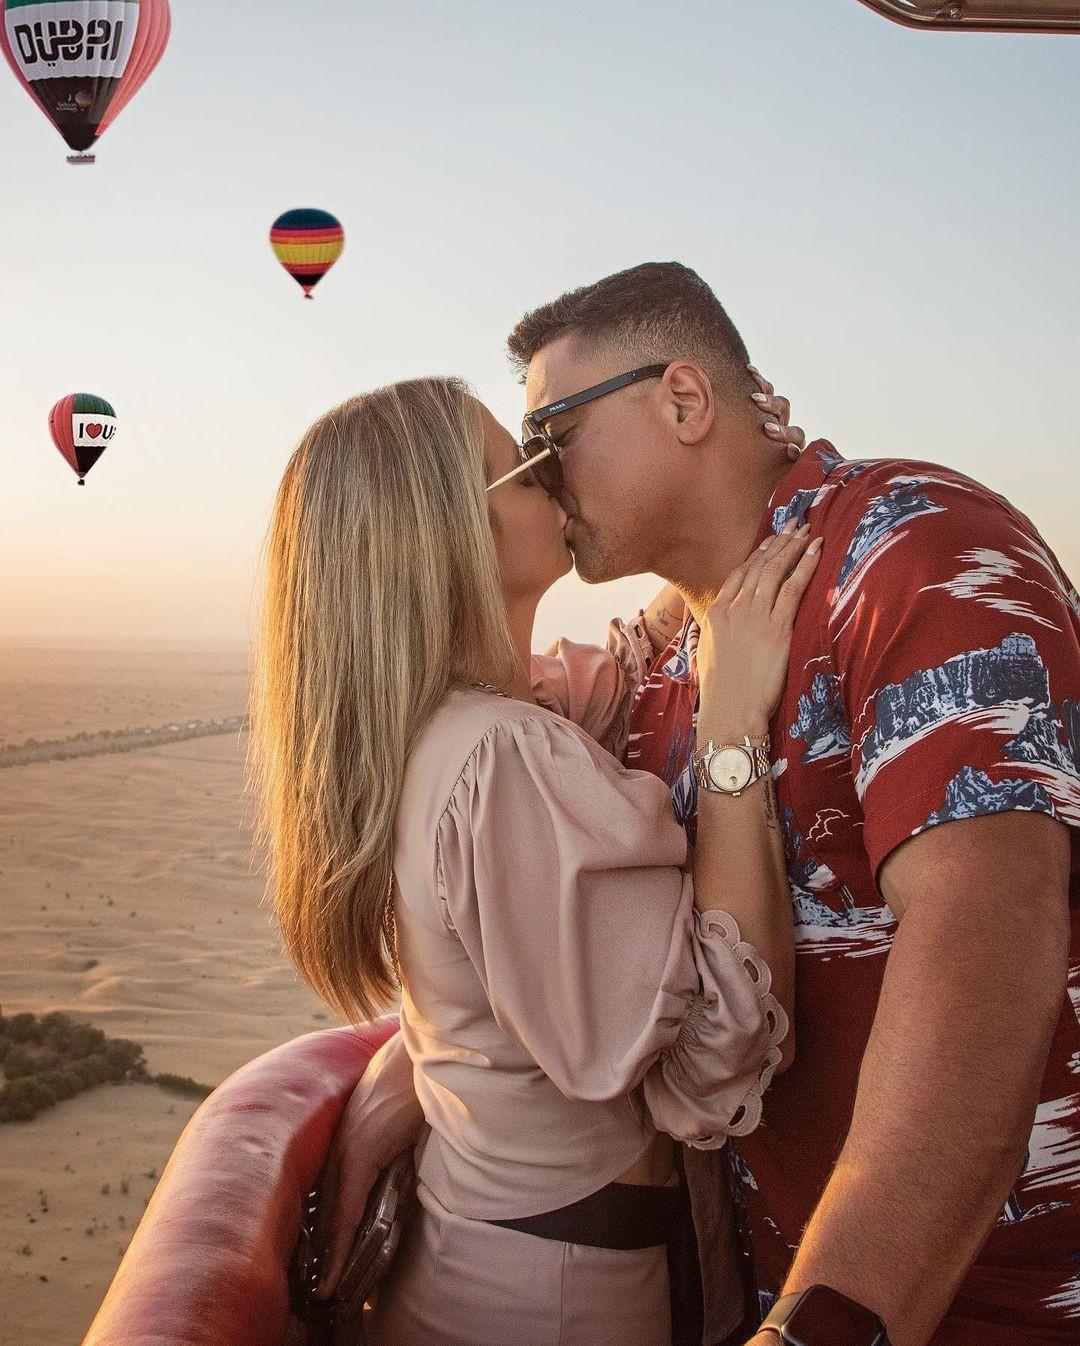 Carla Perez e Xanddy trocam beijos em cima de balão em Dubai: 'Eu, você e o nascer do sol'